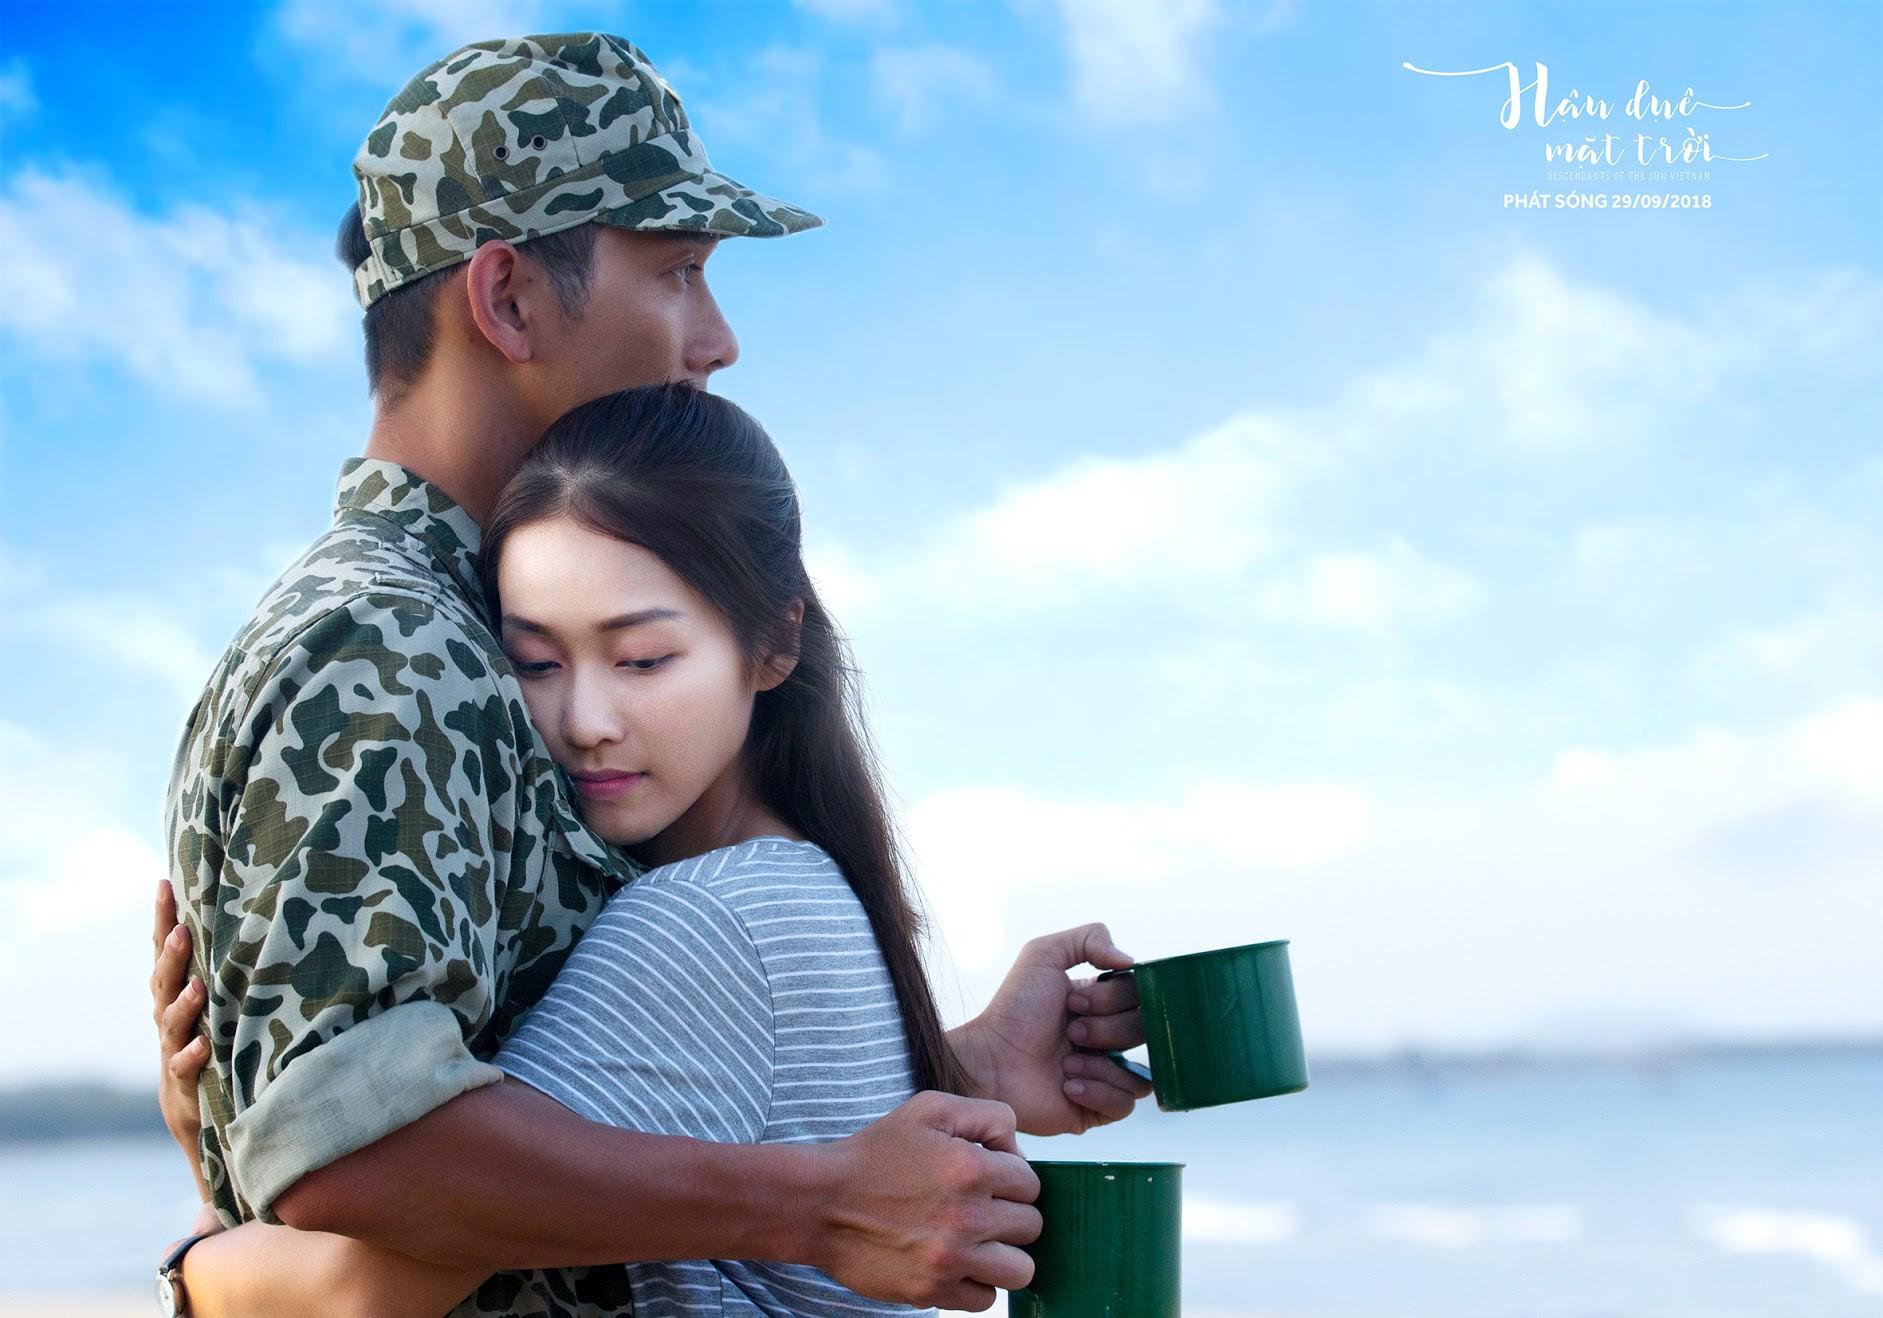 Hậu Duệ Mặt Trời bản Việt trước ngày lên sóng: Ảnh trang phục quân nhân